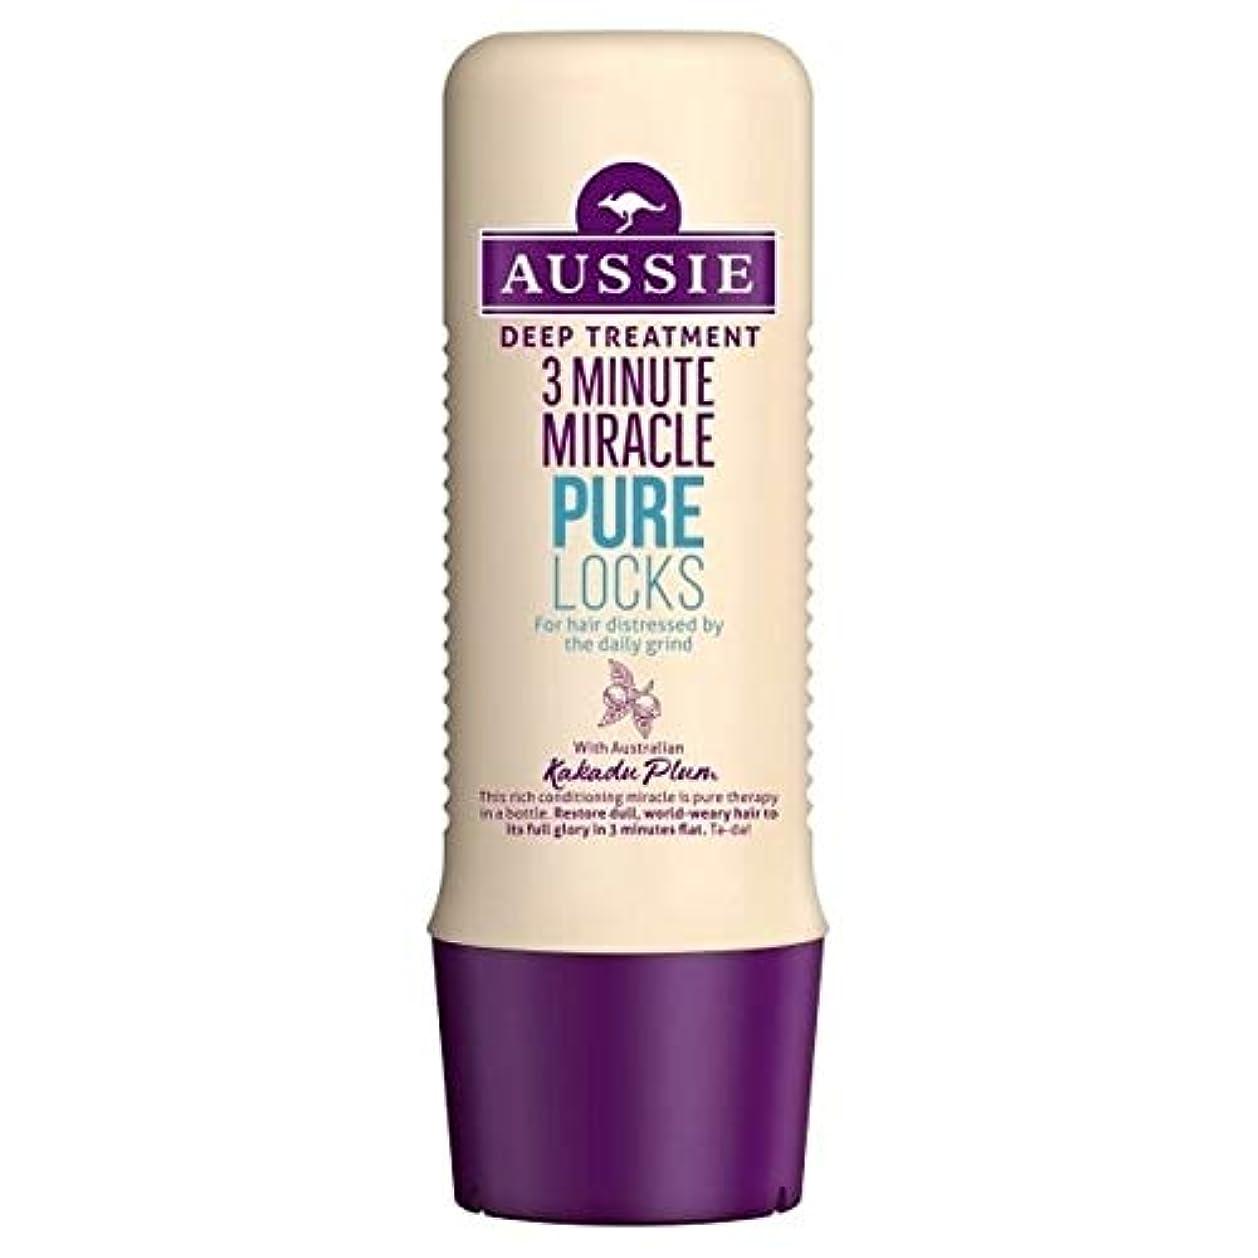 サラミ学部長魅惑的な[Aussie ] オーストラリアの純粋なロック3分の奇跡の250ミリリットル - Aussie Pure Locks 3 Minute Miracle 250ml [並行輸入品]